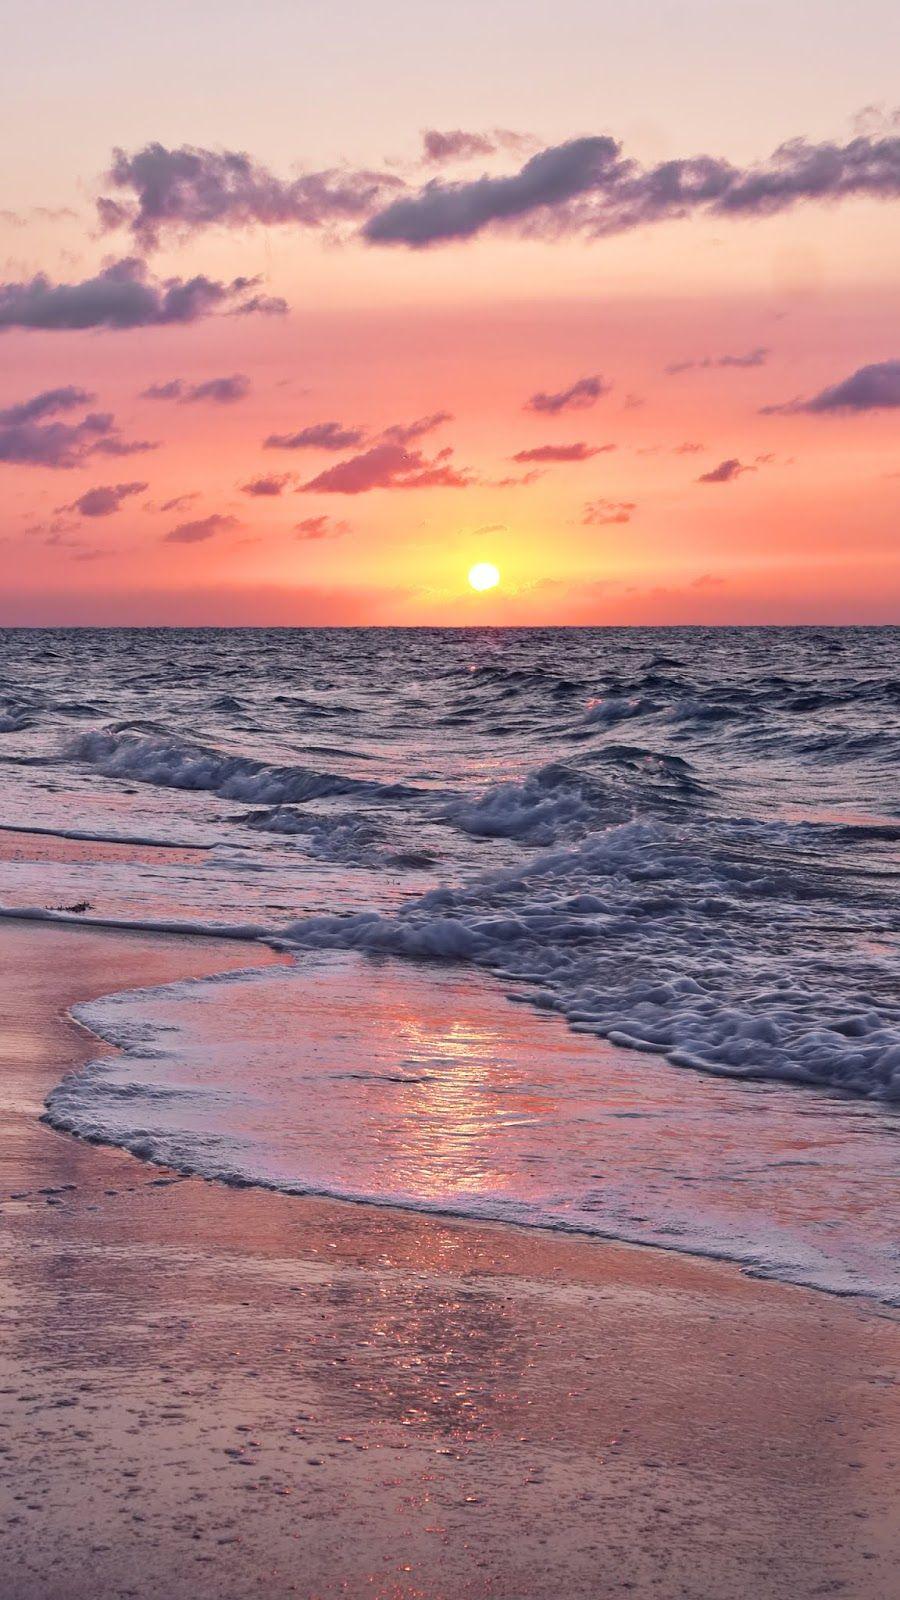 Stunning Sunset Sky Beach Sunset Wallpaper Sunset Wallpaper Beach Wallpaper